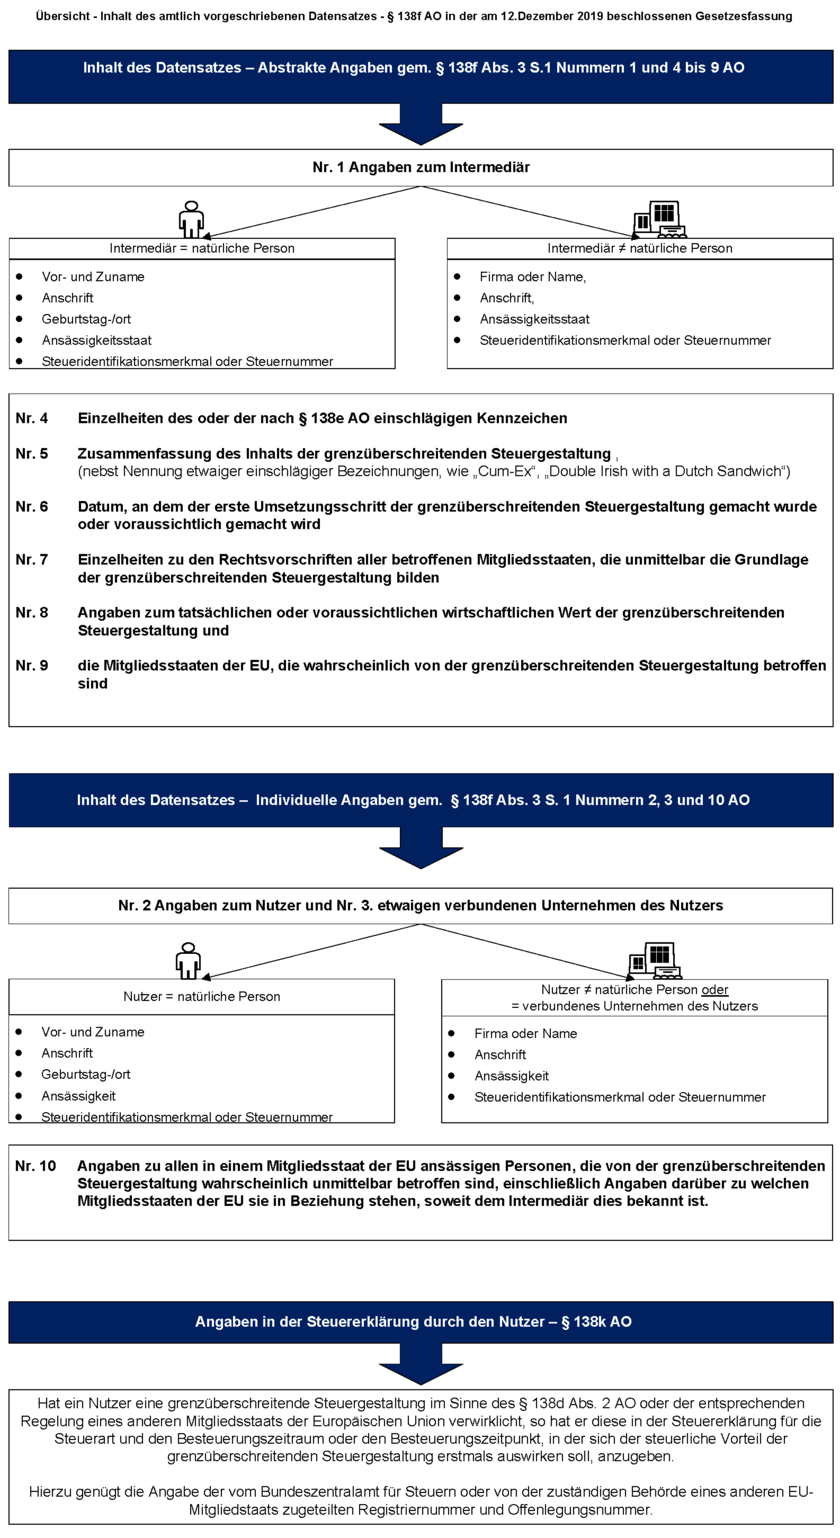 Übersicht - Inhalt des amtlich vorgeschriebenen Datensatzes - § 138f AO in der am 12.Dezember 2019 beschlossenen Gesetzesfassung